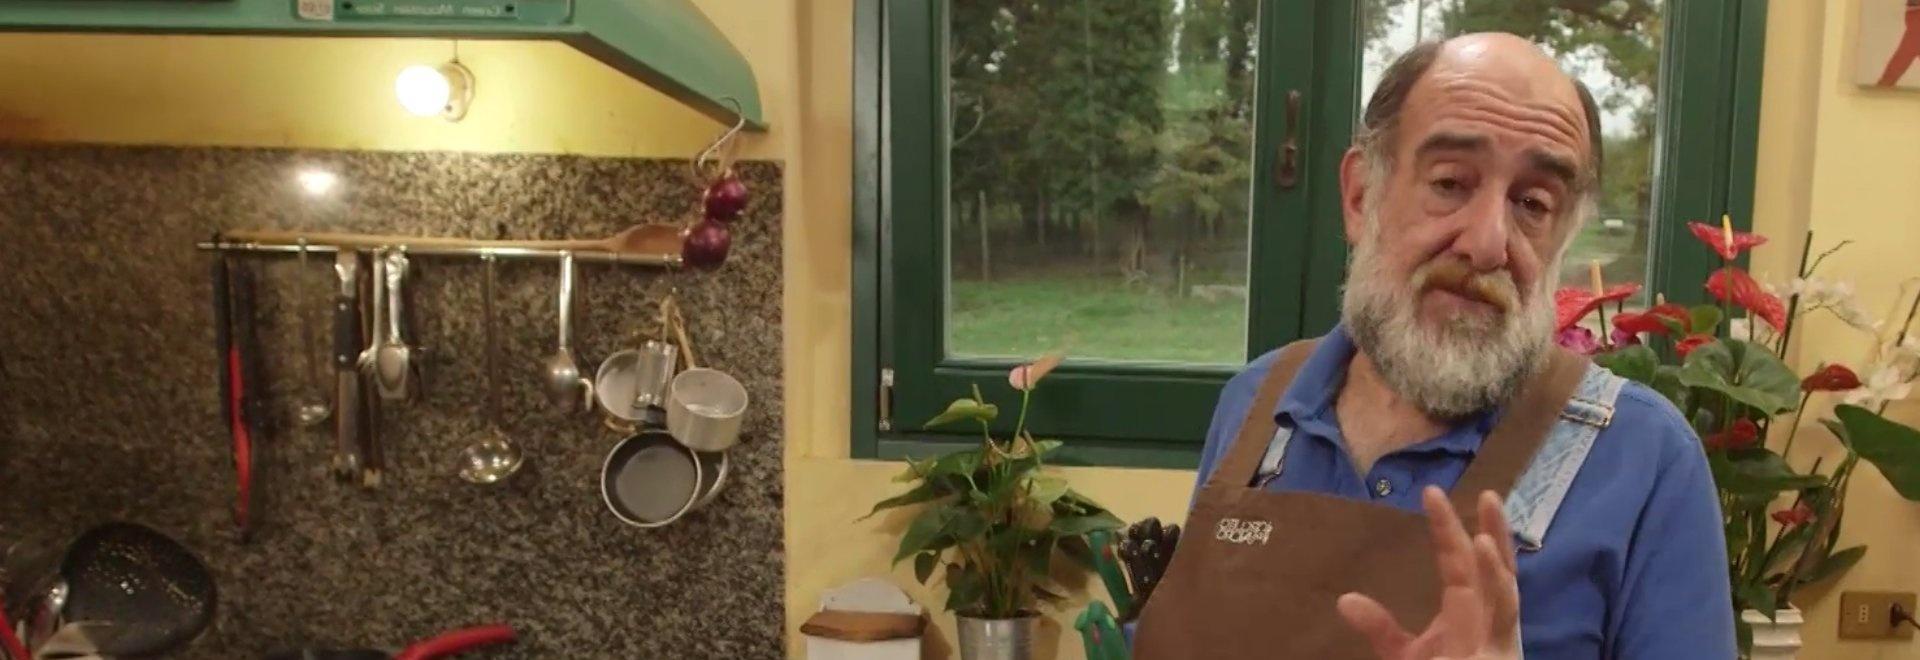 Giorgione: orto e cucina - Ricette dal mio libro